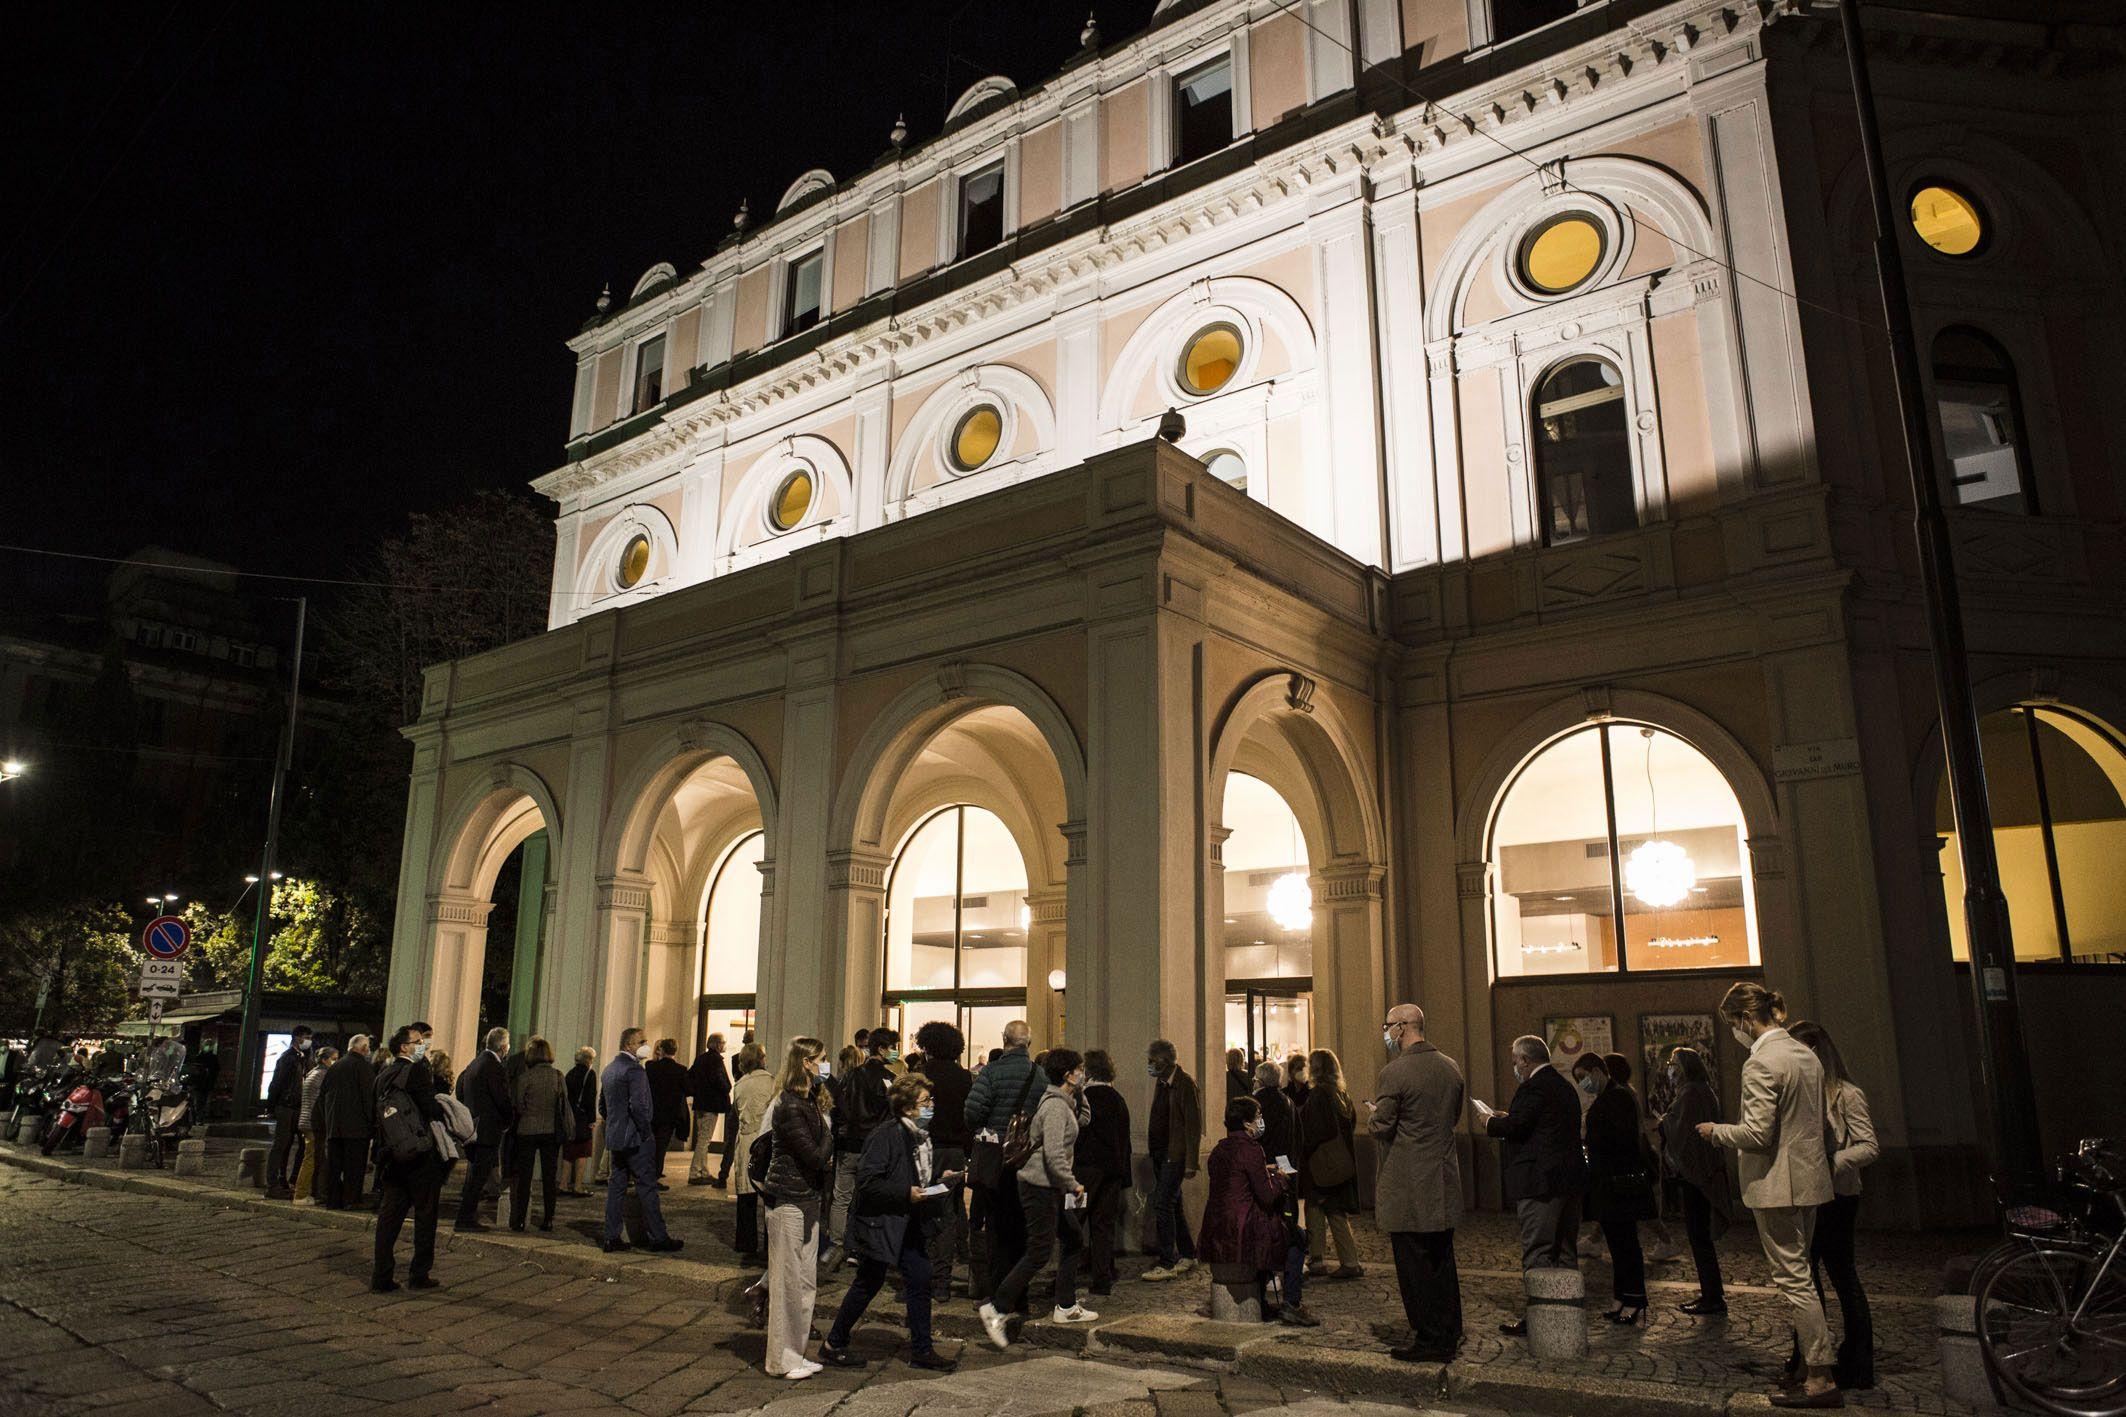 Teatro Dal Verme - Il 12 - 14 - 16 ottobre inaugurazione e biglietti gratuiti